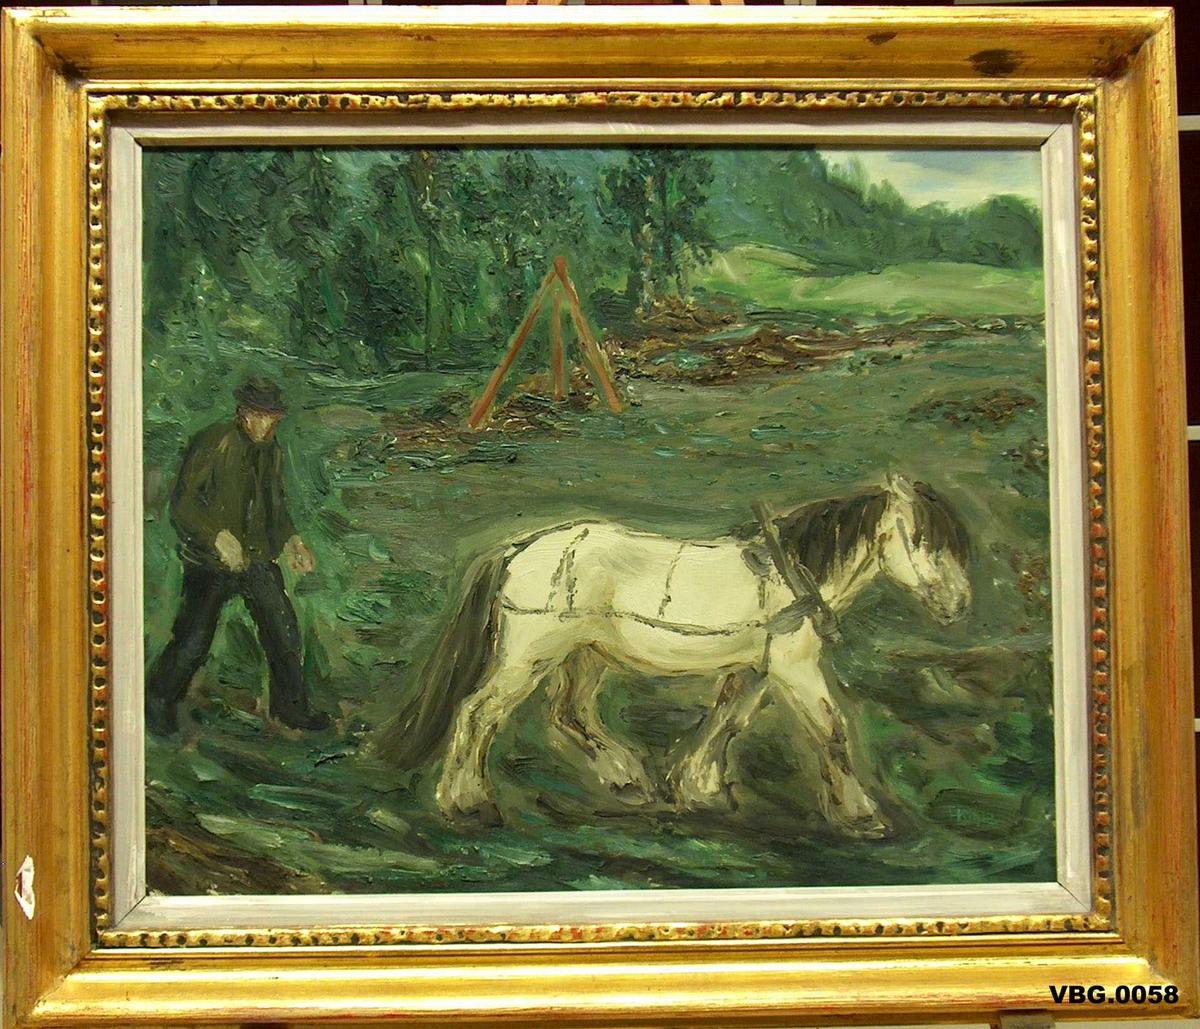 I framgrunnen hest med mann gåande bak. Stubbebrytar i bakgrunnen